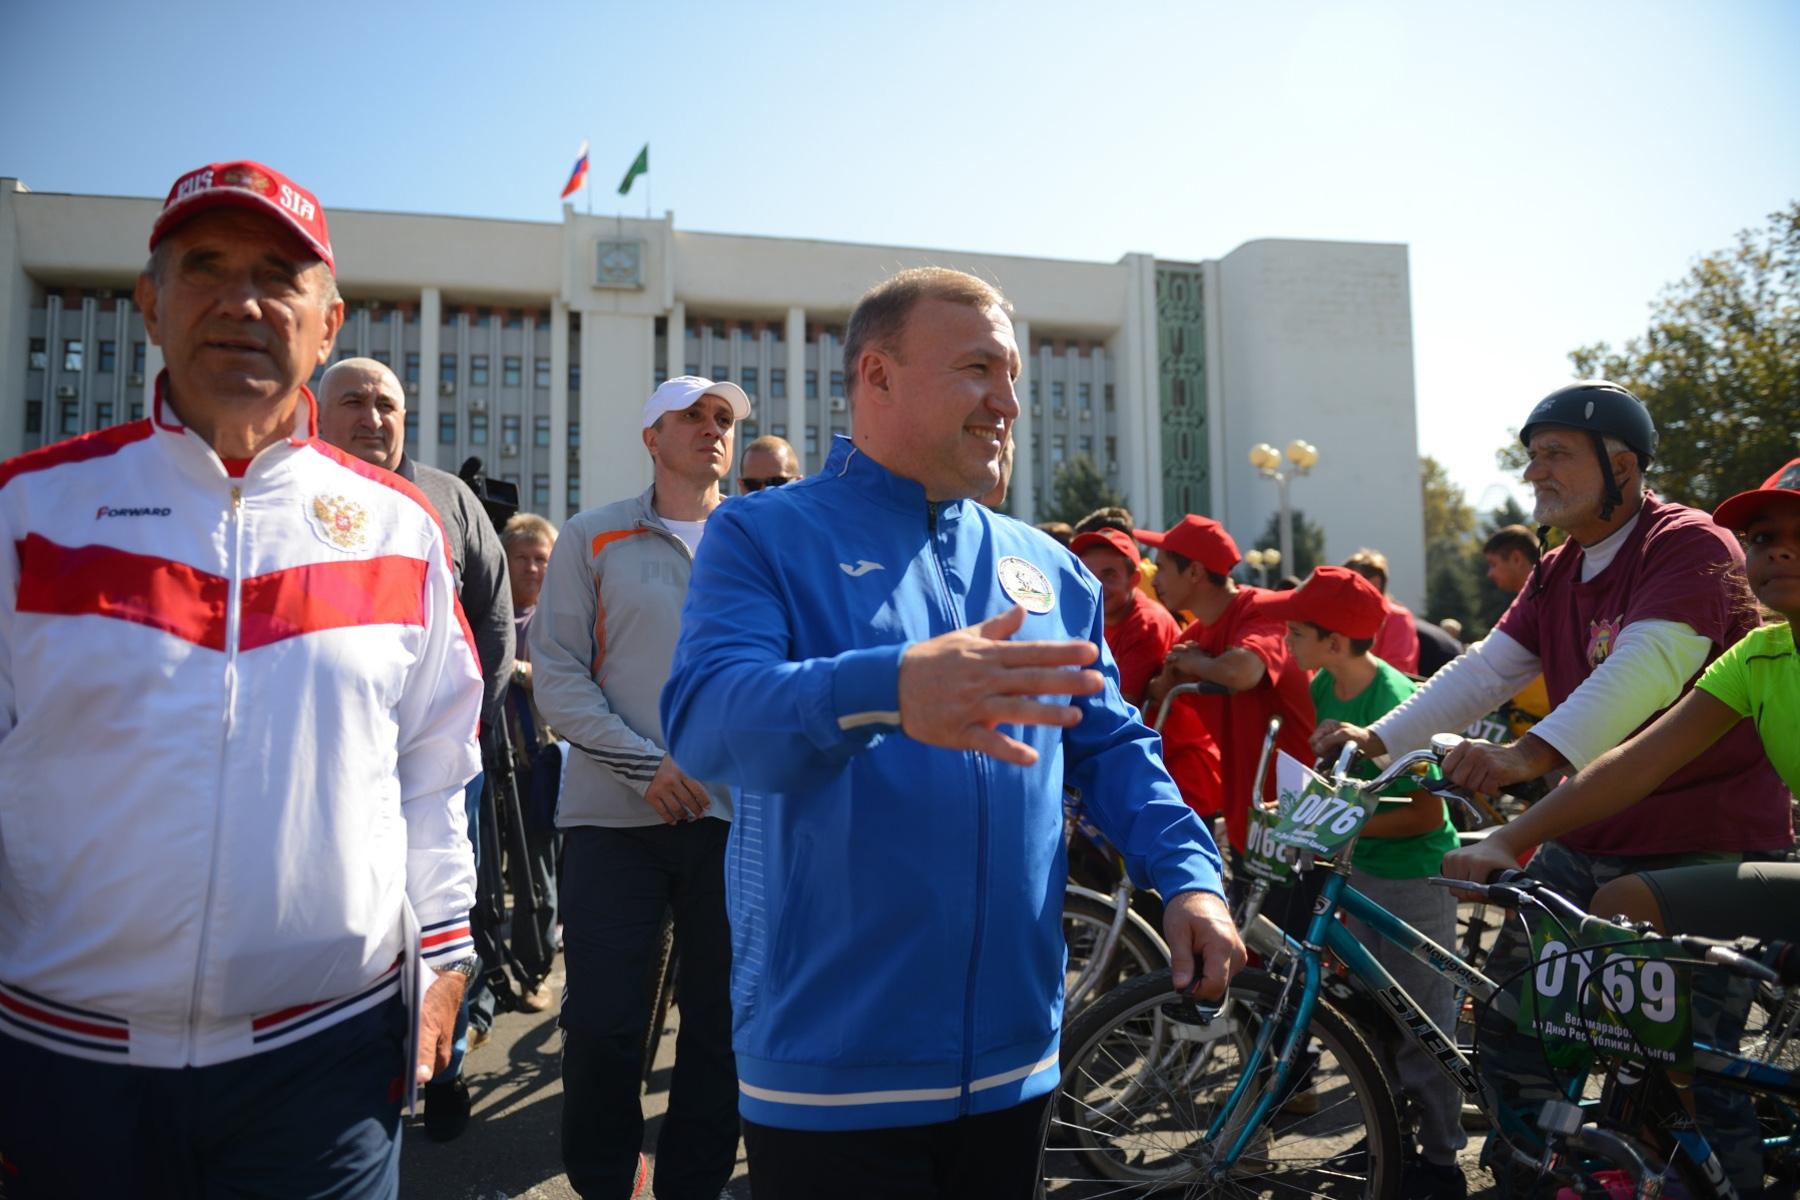 Глава Адыгеи принял участие в велопробеге, посвящённом Дню республики